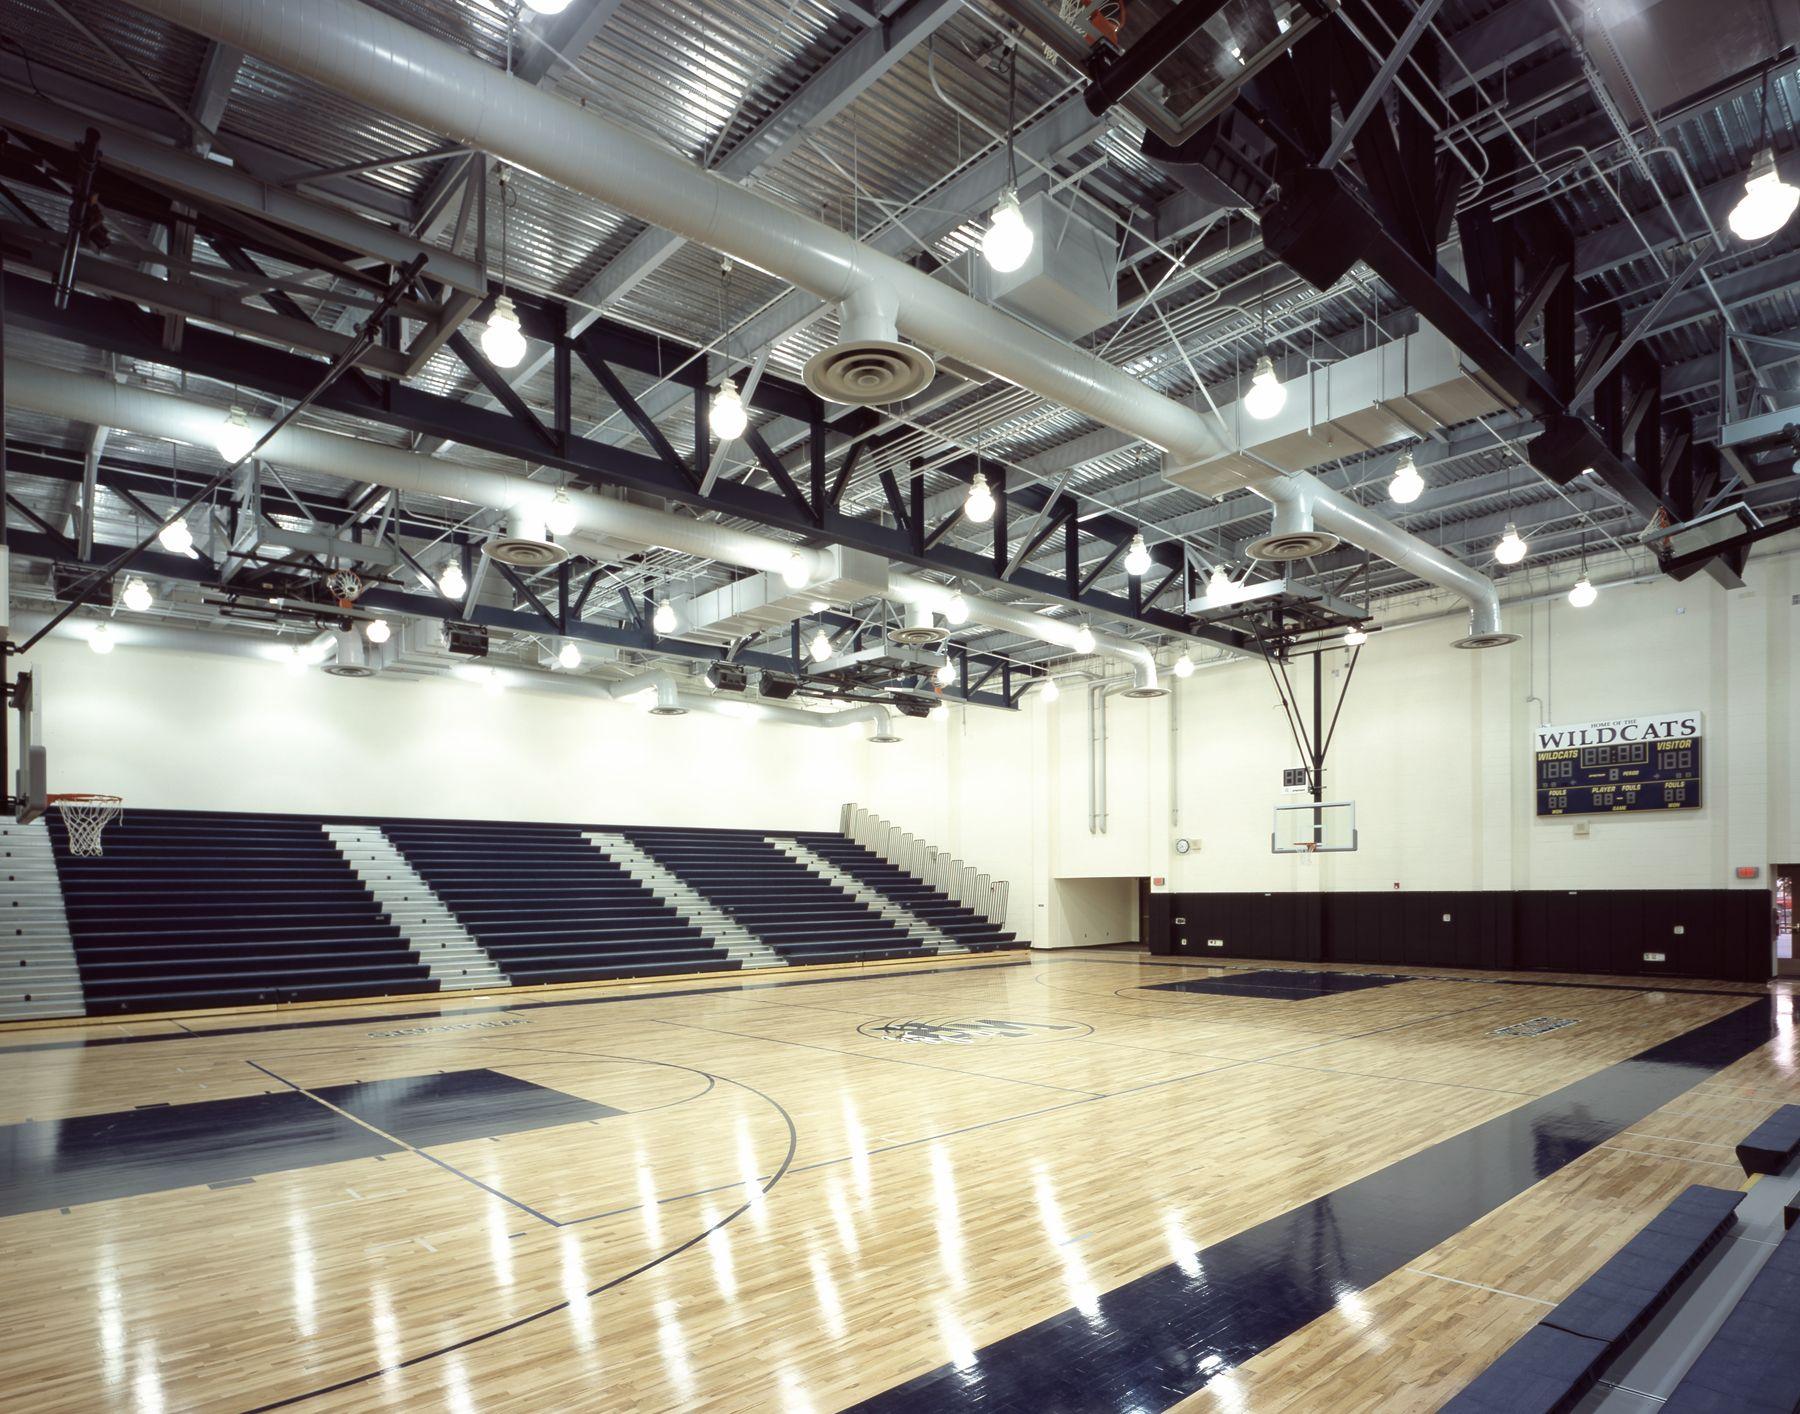 5d02743559cf13a4990e2237ee6236c2 - Hawaiian Gardens Civic Center Basketball Gym